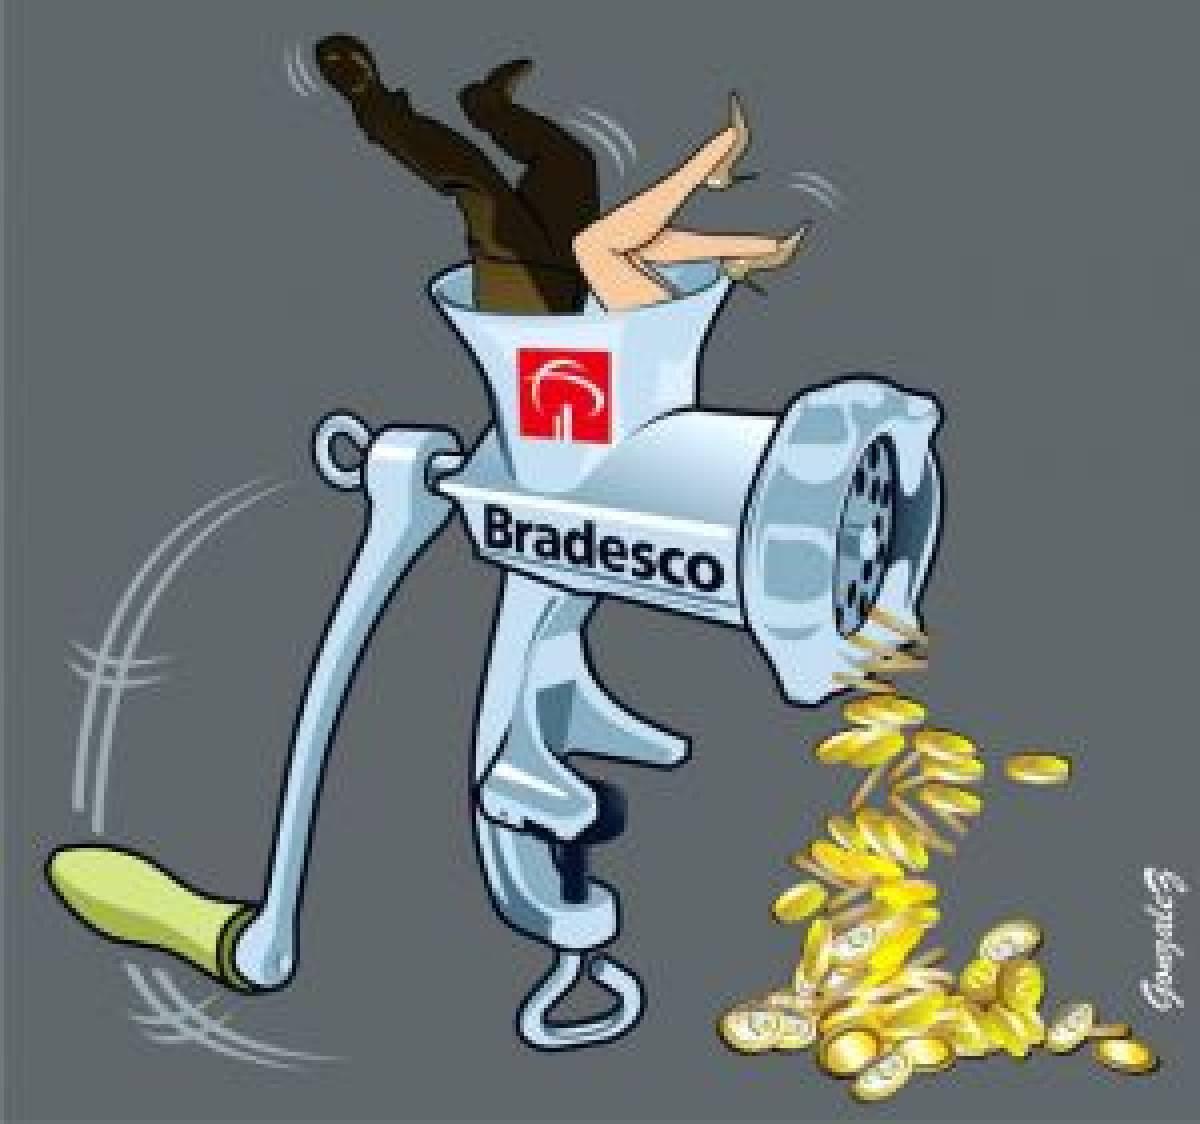 Mudança nos vales do Bradesco dificultam vida dos bancários